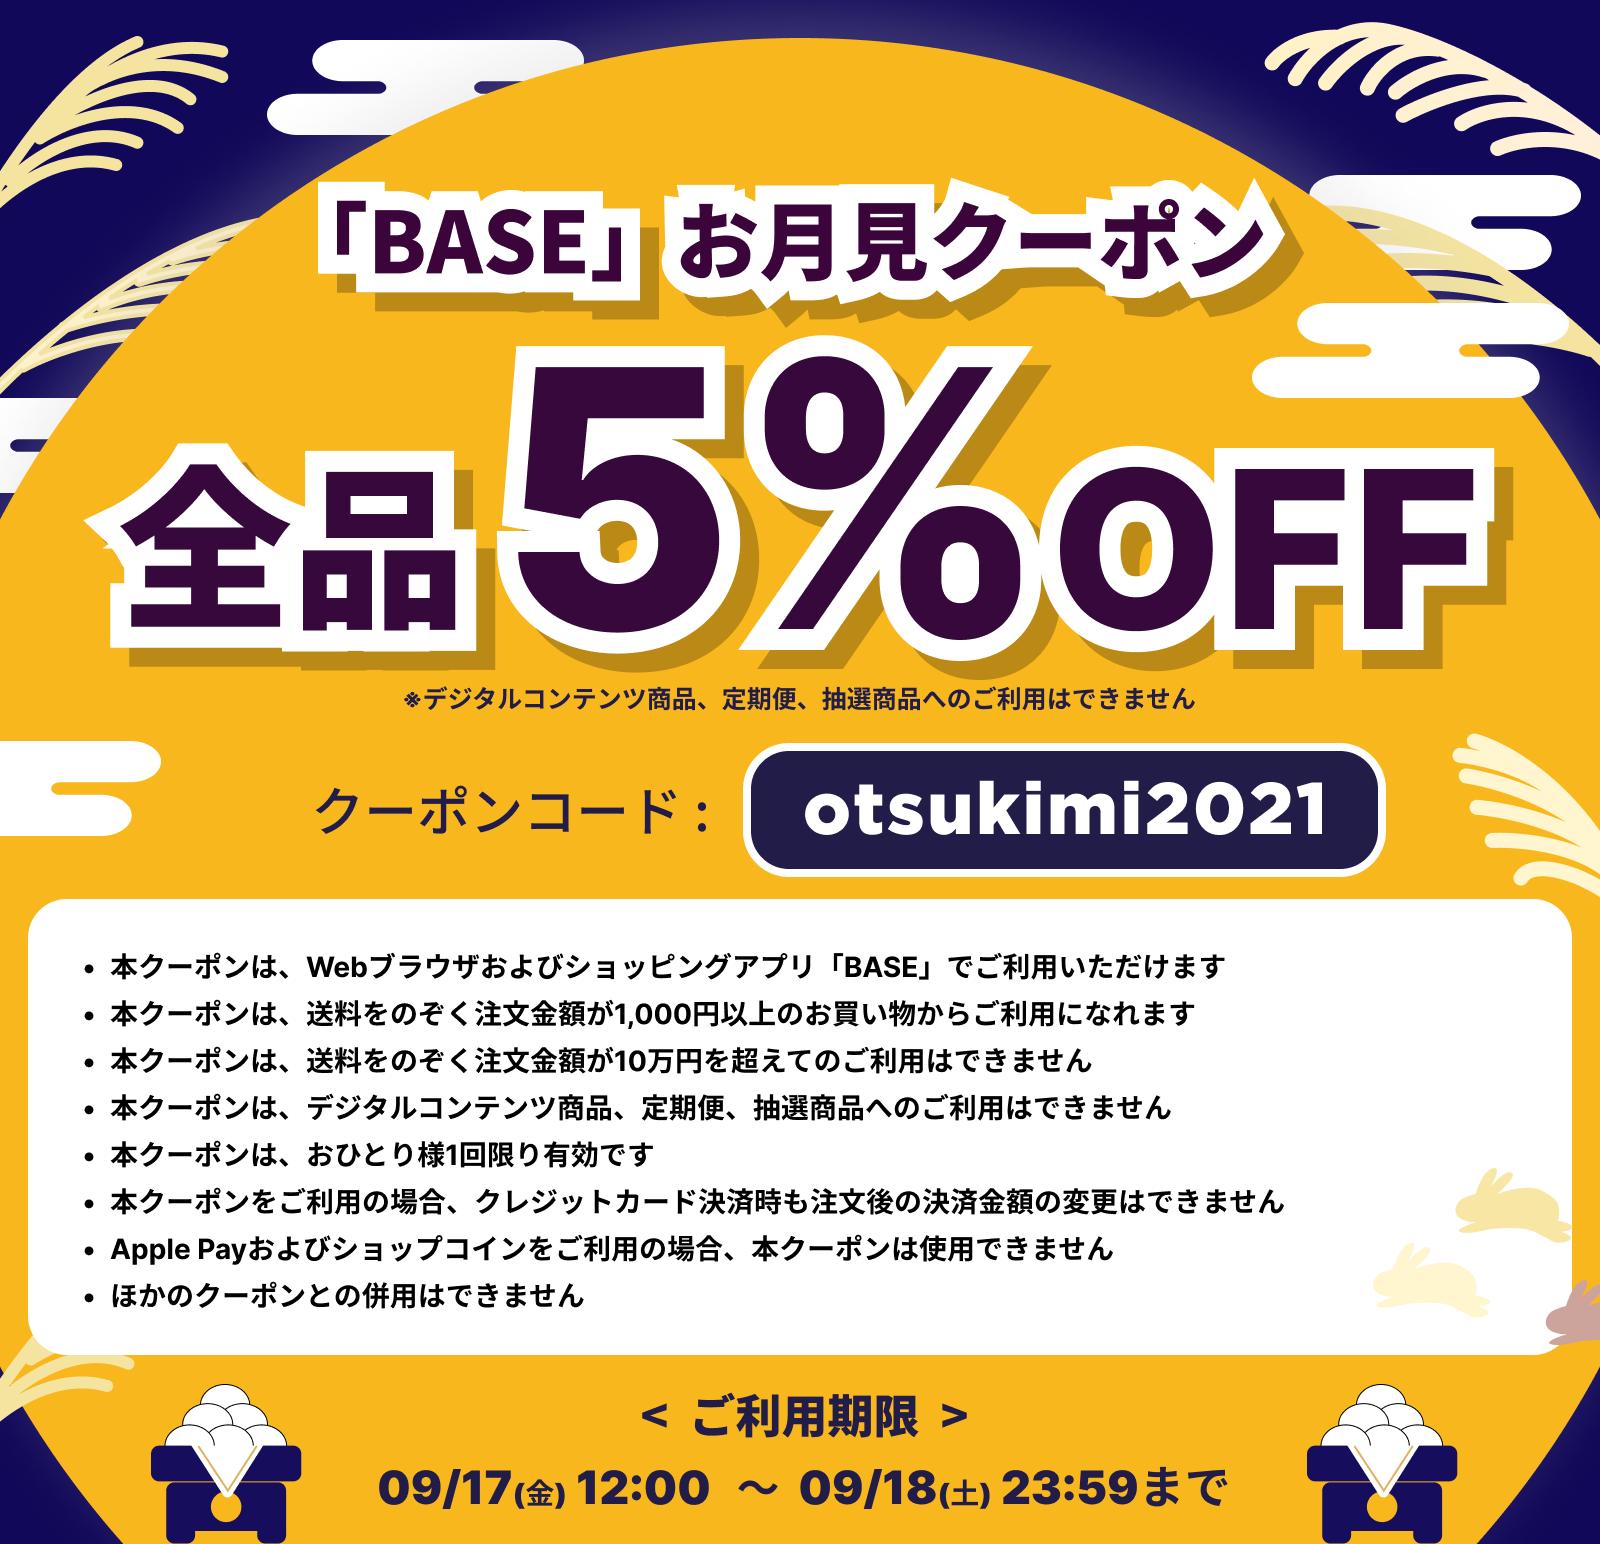 【9/17.18限定!】 「BASE」で使用できる!5%OFFお月見クーポン発行